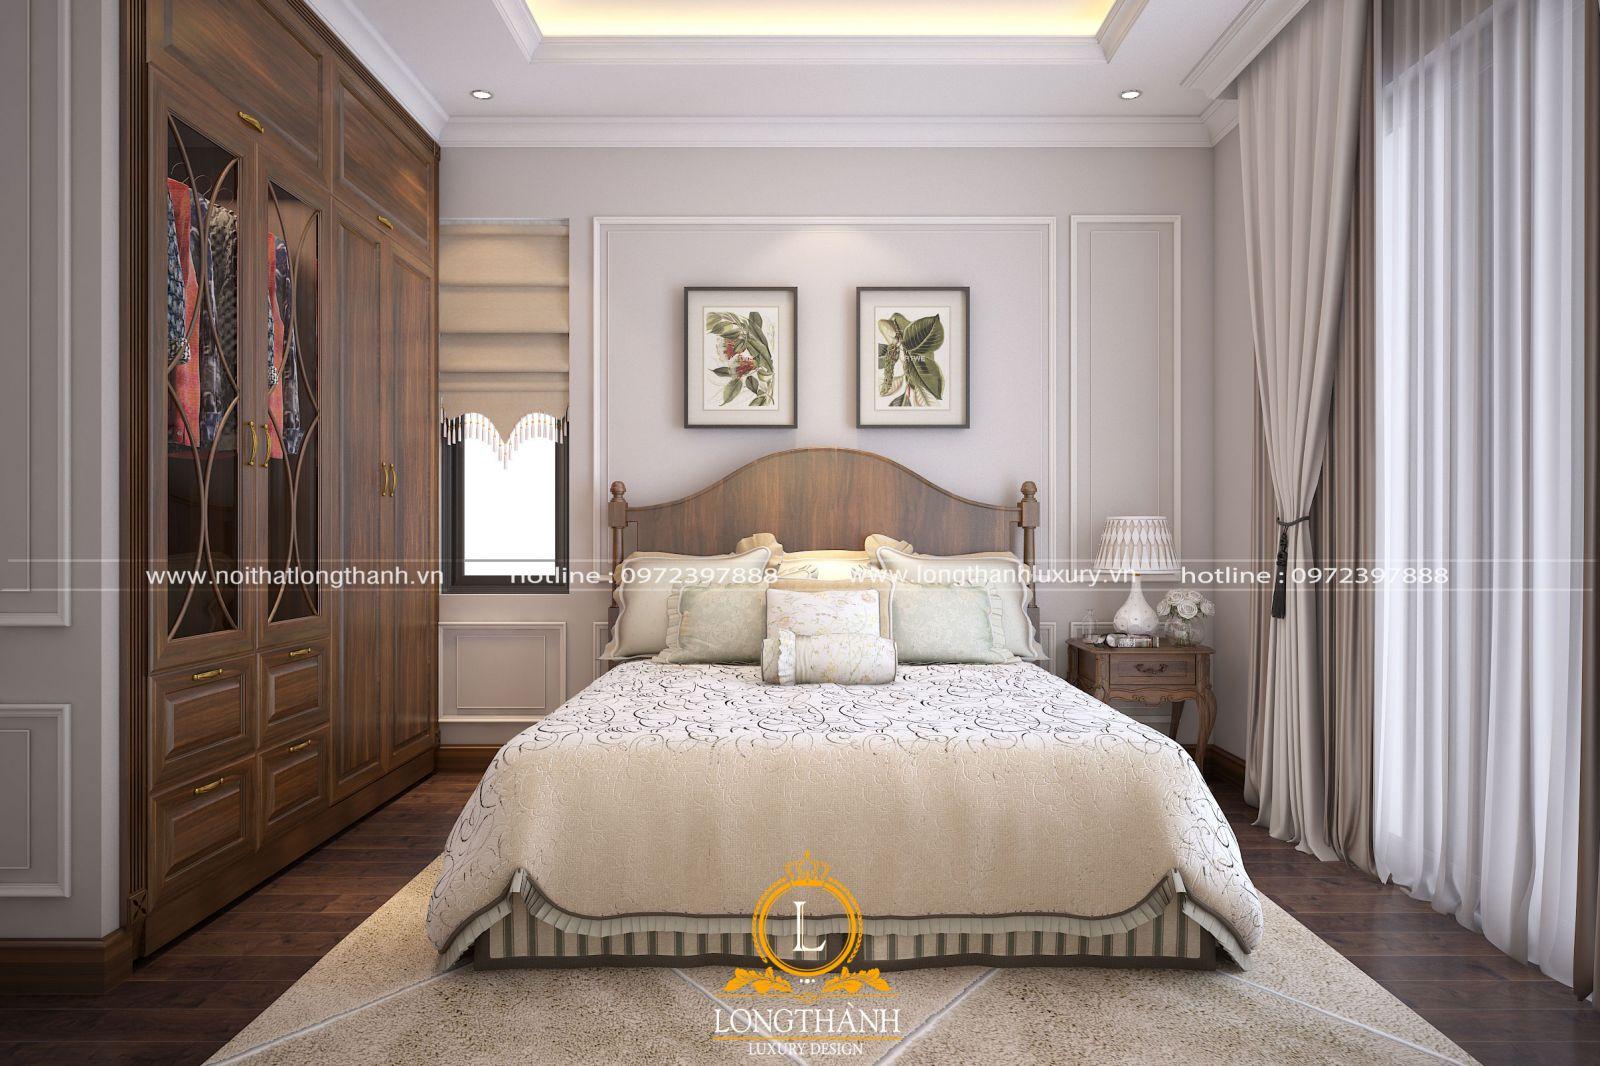 Chiếc tủ quần áo gỗ tự nhiên ấn tượng  trong không gian phòng khách màu trắng